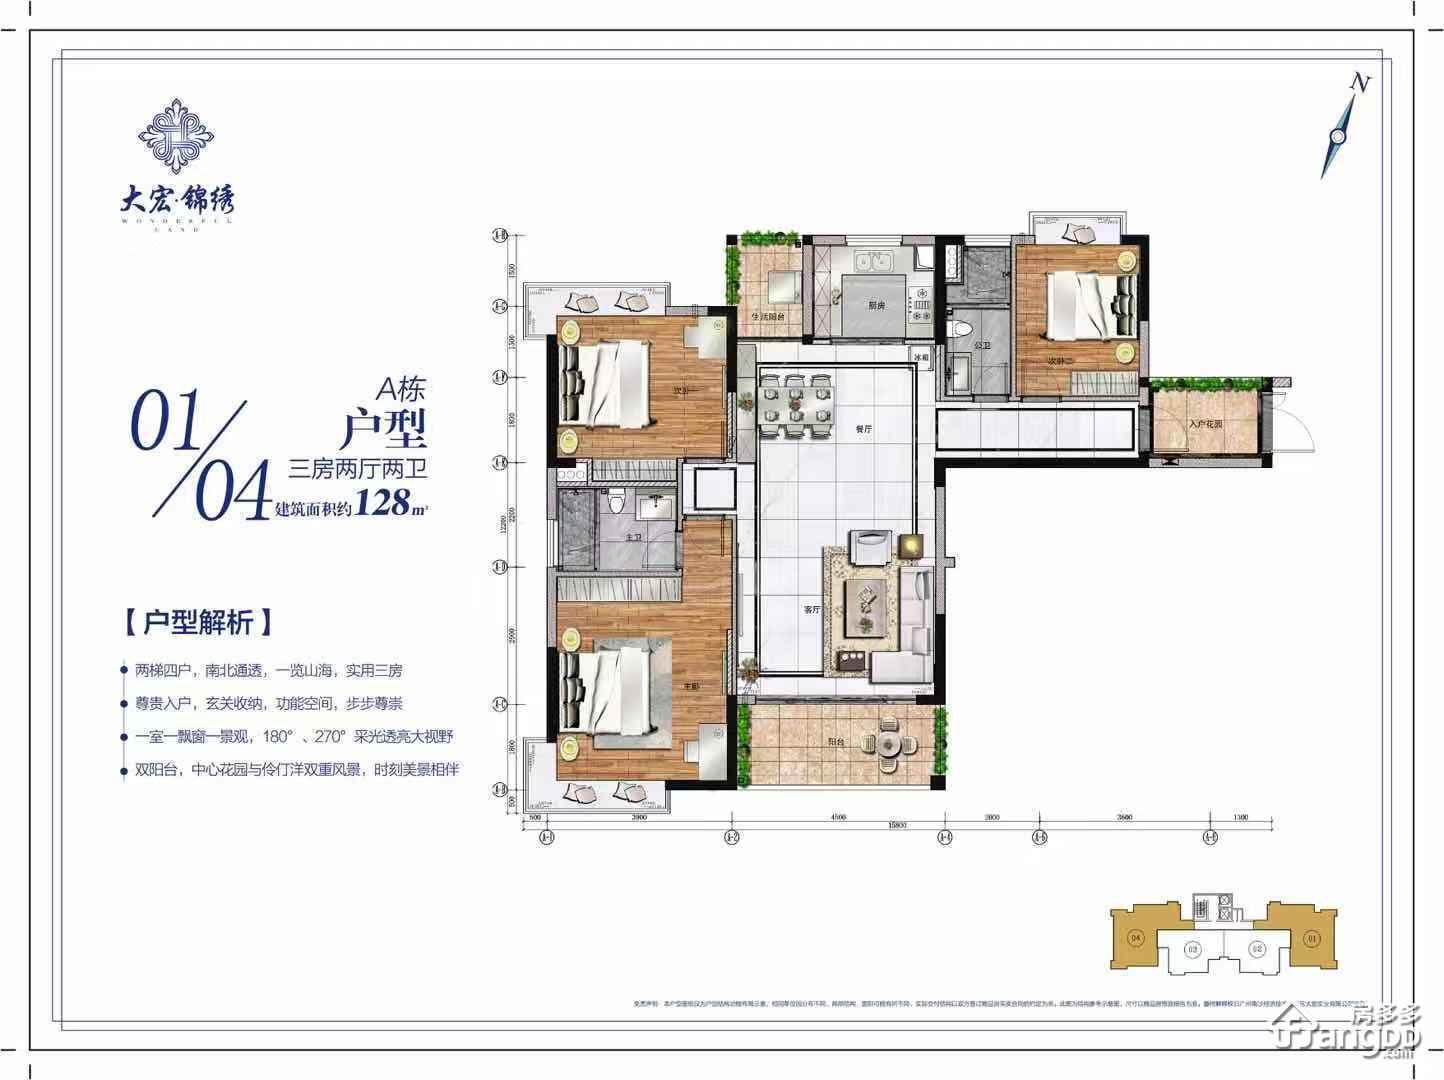 大宏锦绣3室2厅2卫户型图